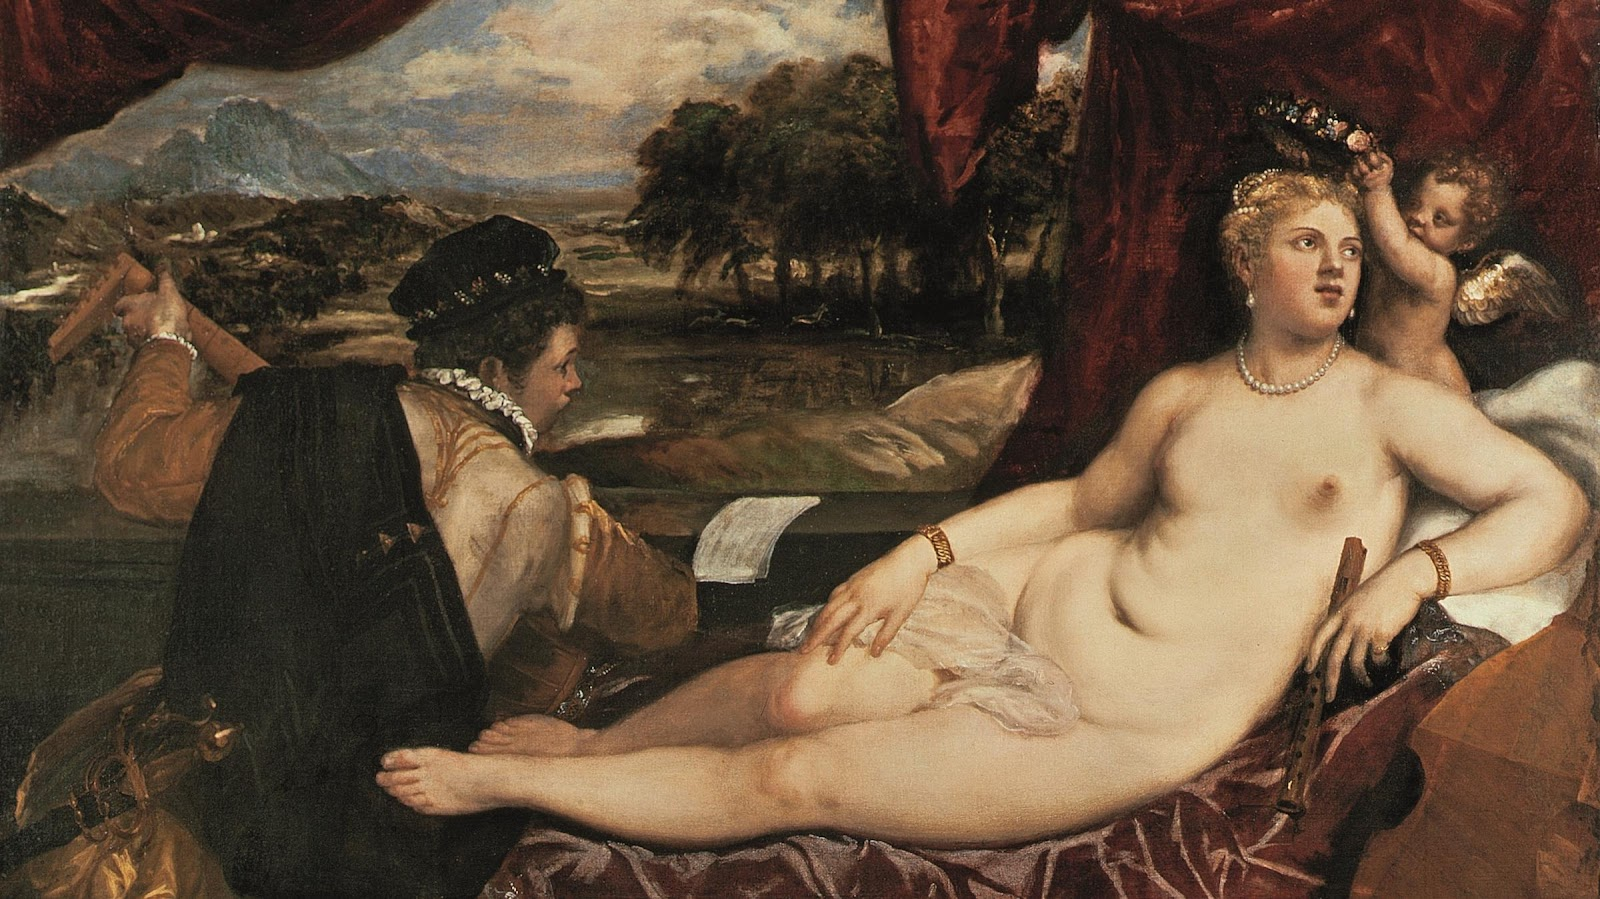 Titian - Venus and the Lute Player 1565-1570 (detail)  sc 1 st  Tuttu0027Art & Titian | Venus with the Musician series | Art in Detail | Tuttu0027Art ... islam-shia.org